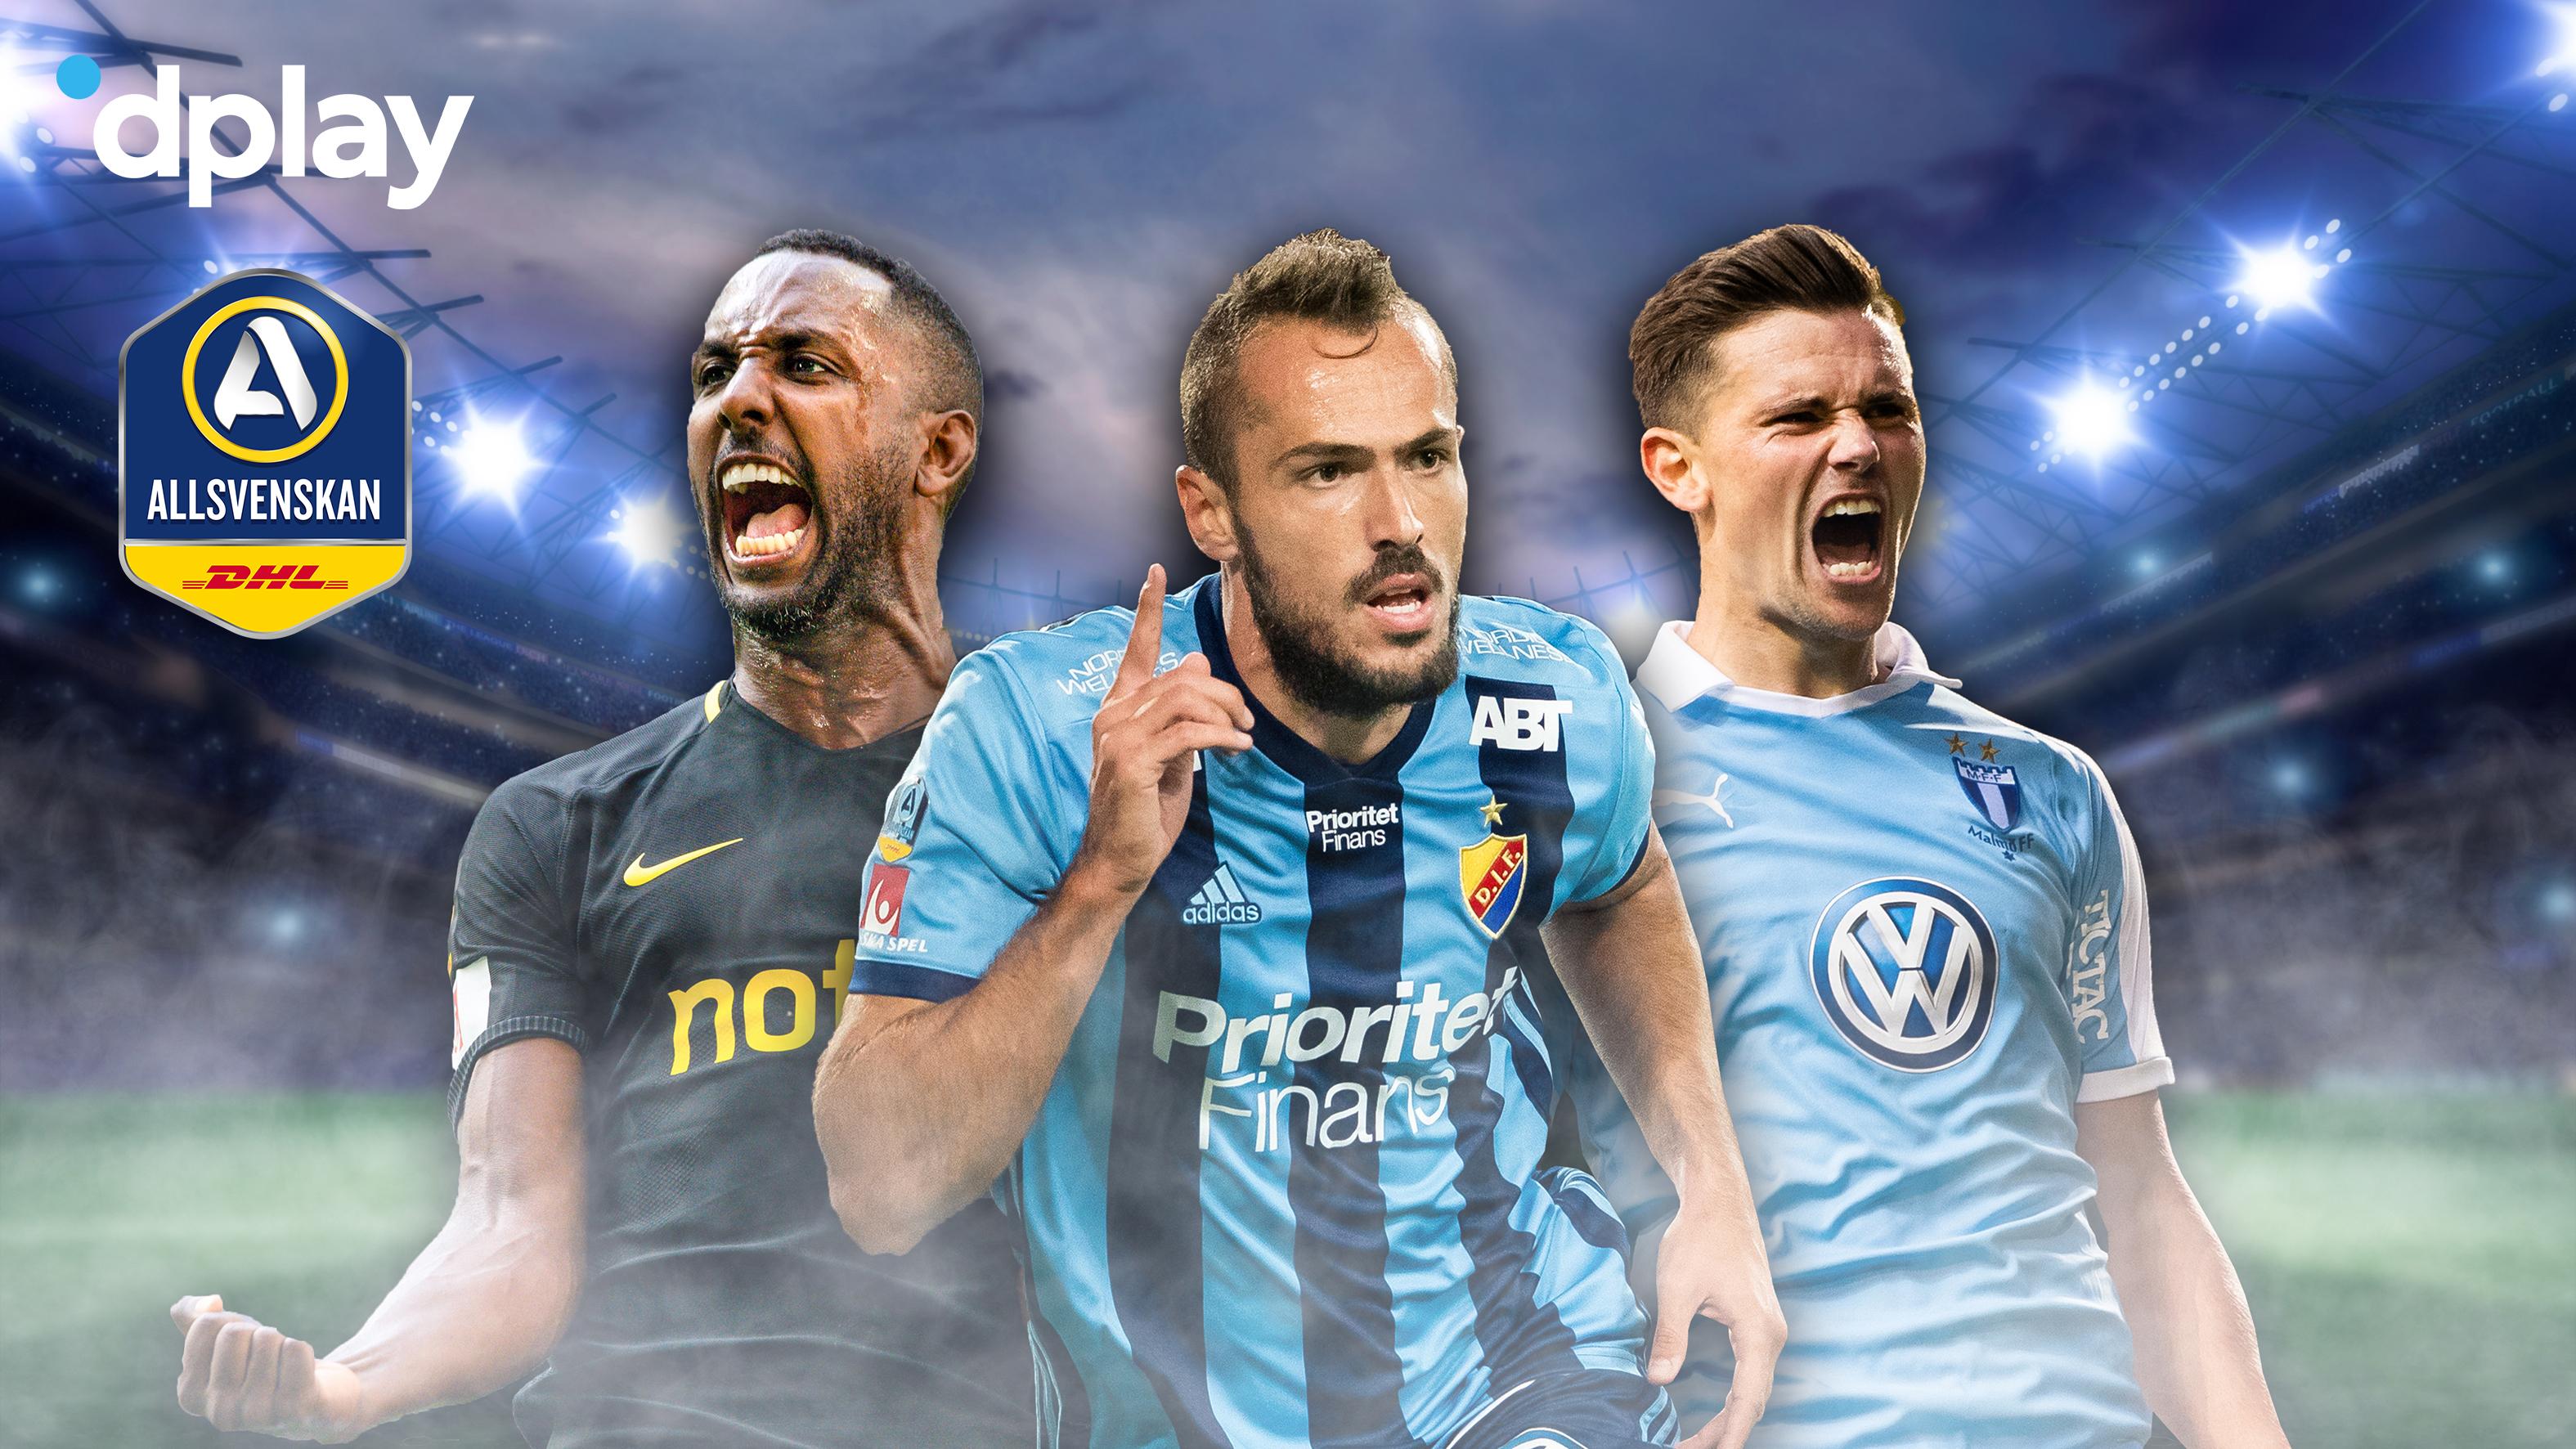 Upplev Spanningen I Jamna Allsvenskan Se Matcherna Med Dplay